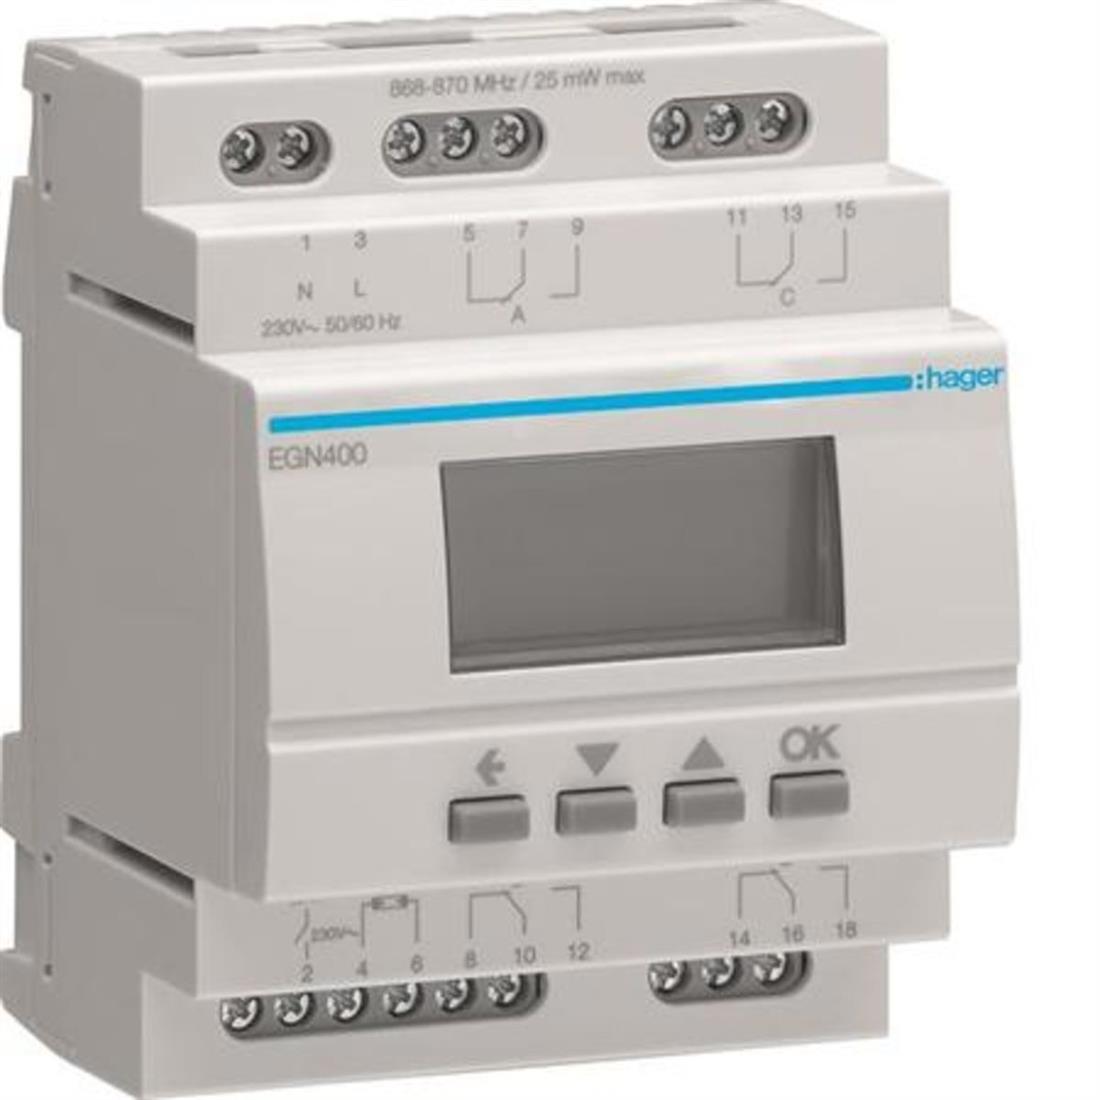 Hager digitale schakelklok multifunctioneel met bluetooth (EGN400)